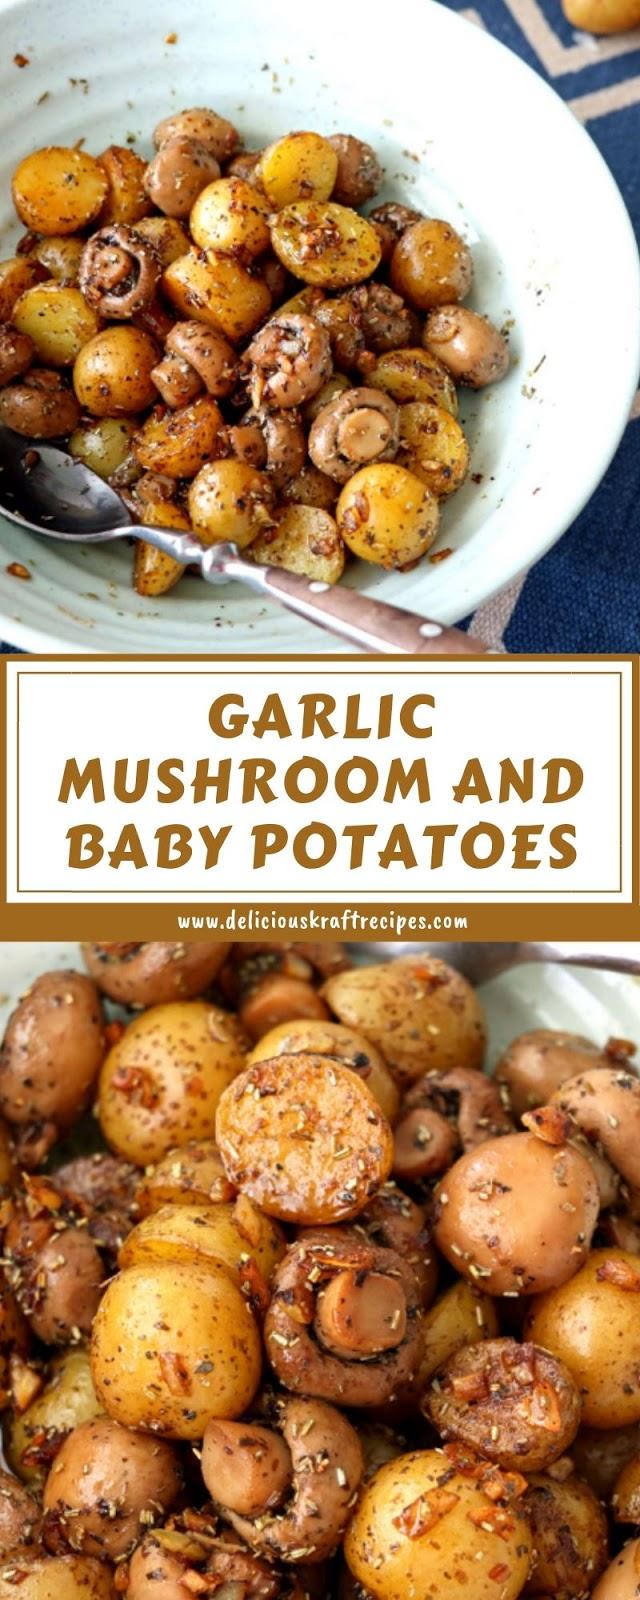 GARLIC MUSHROOM AND BABY POTATOES